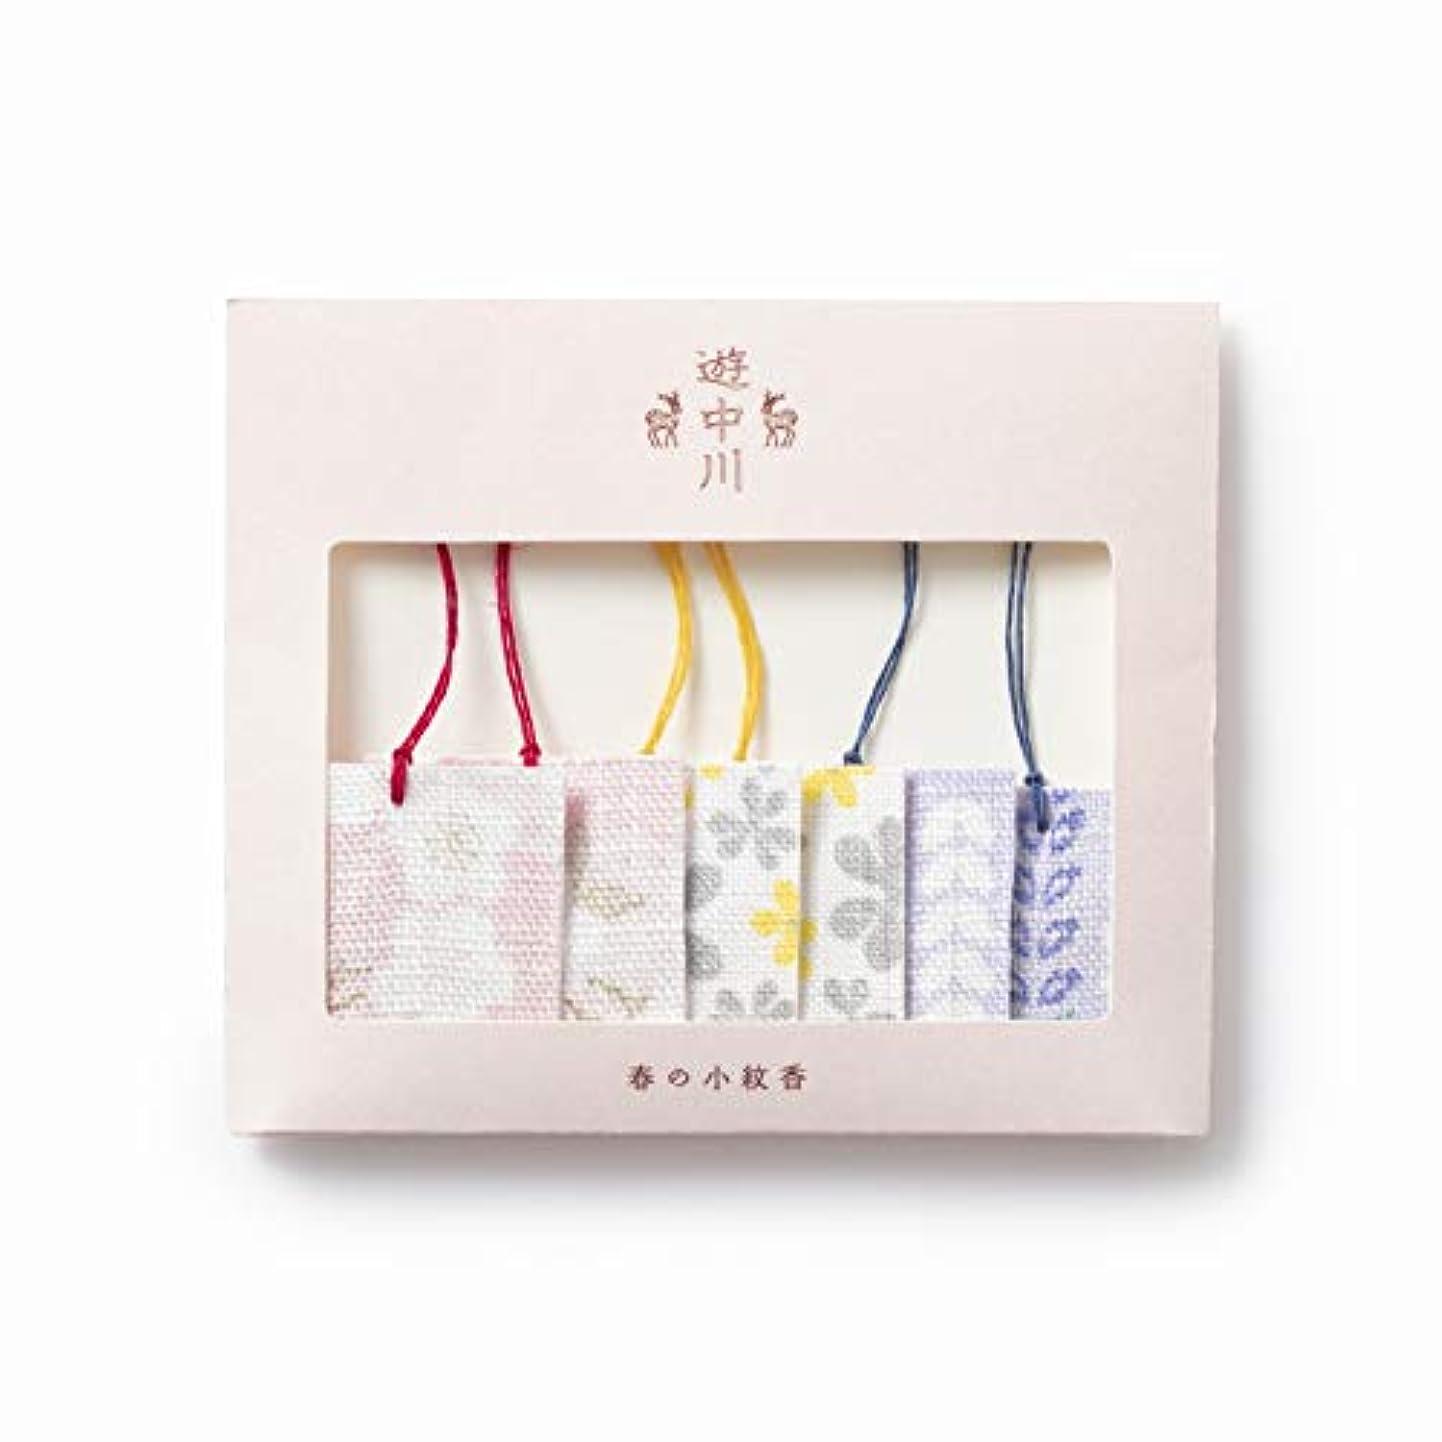 シンポジウム毛布新しい意味遊中川  春の小紋香 2019